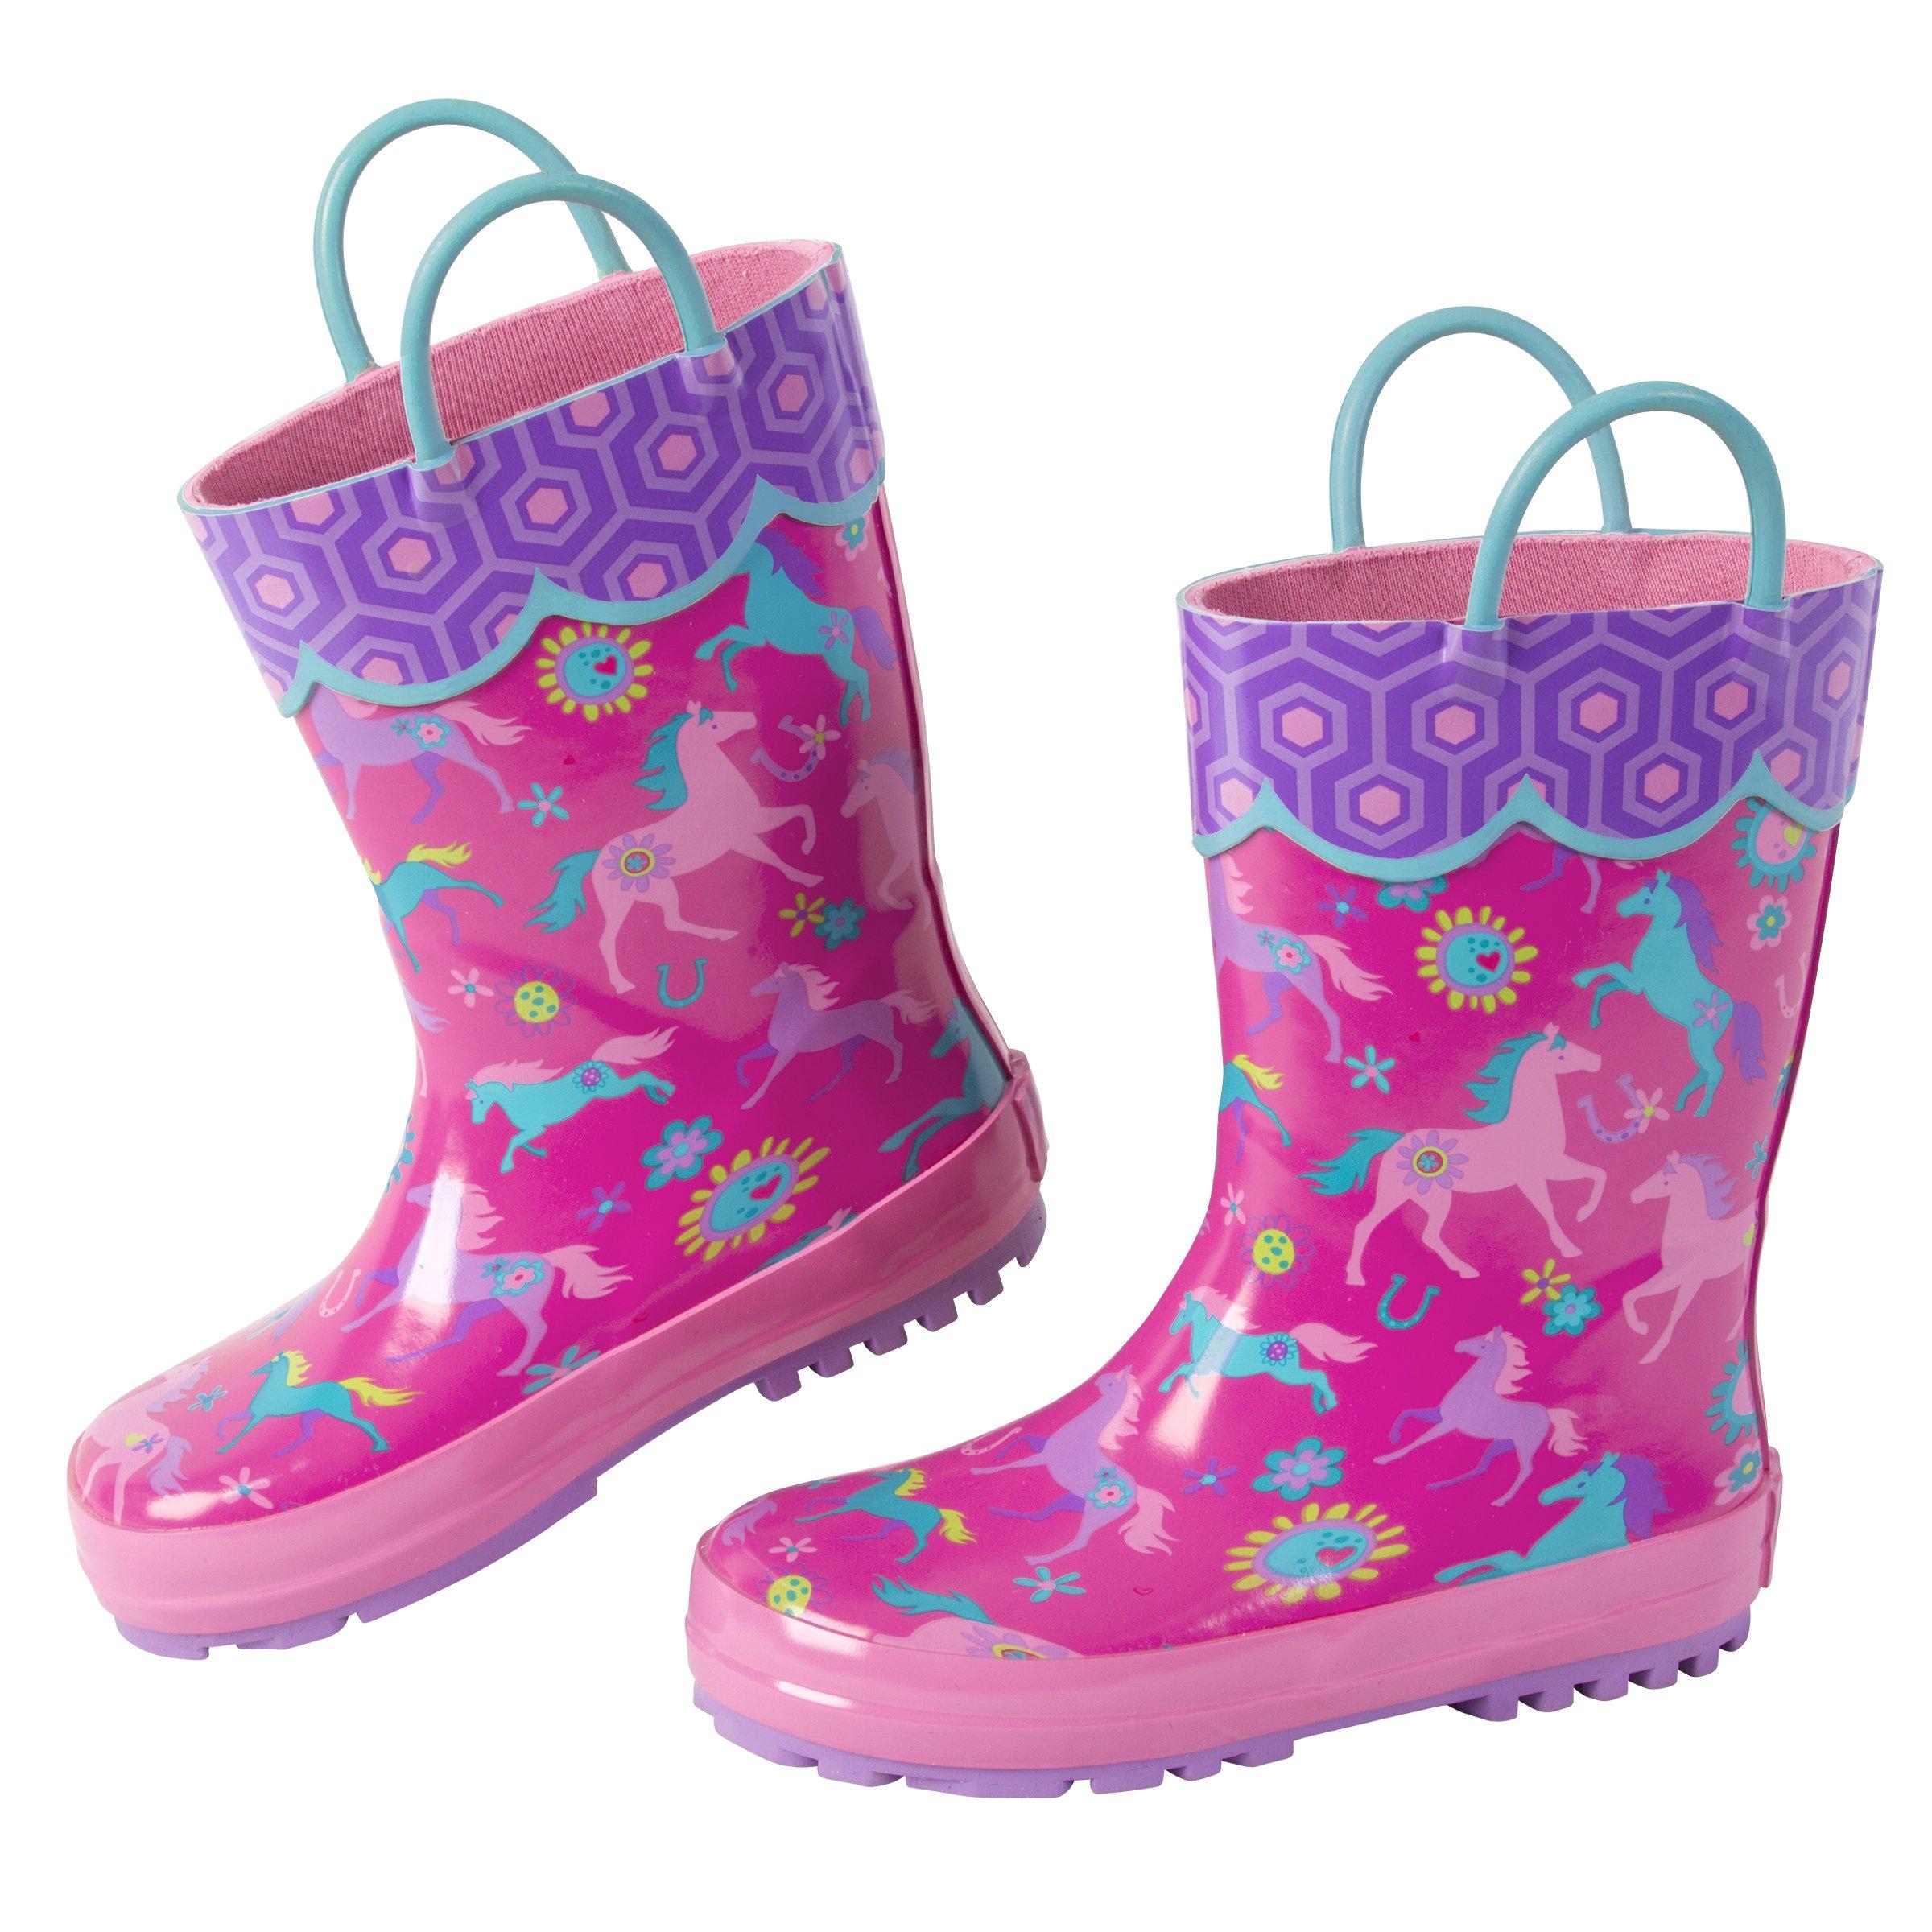 Stephen Joseph Toddler Girls' Rainboots, Girl Horse, 12